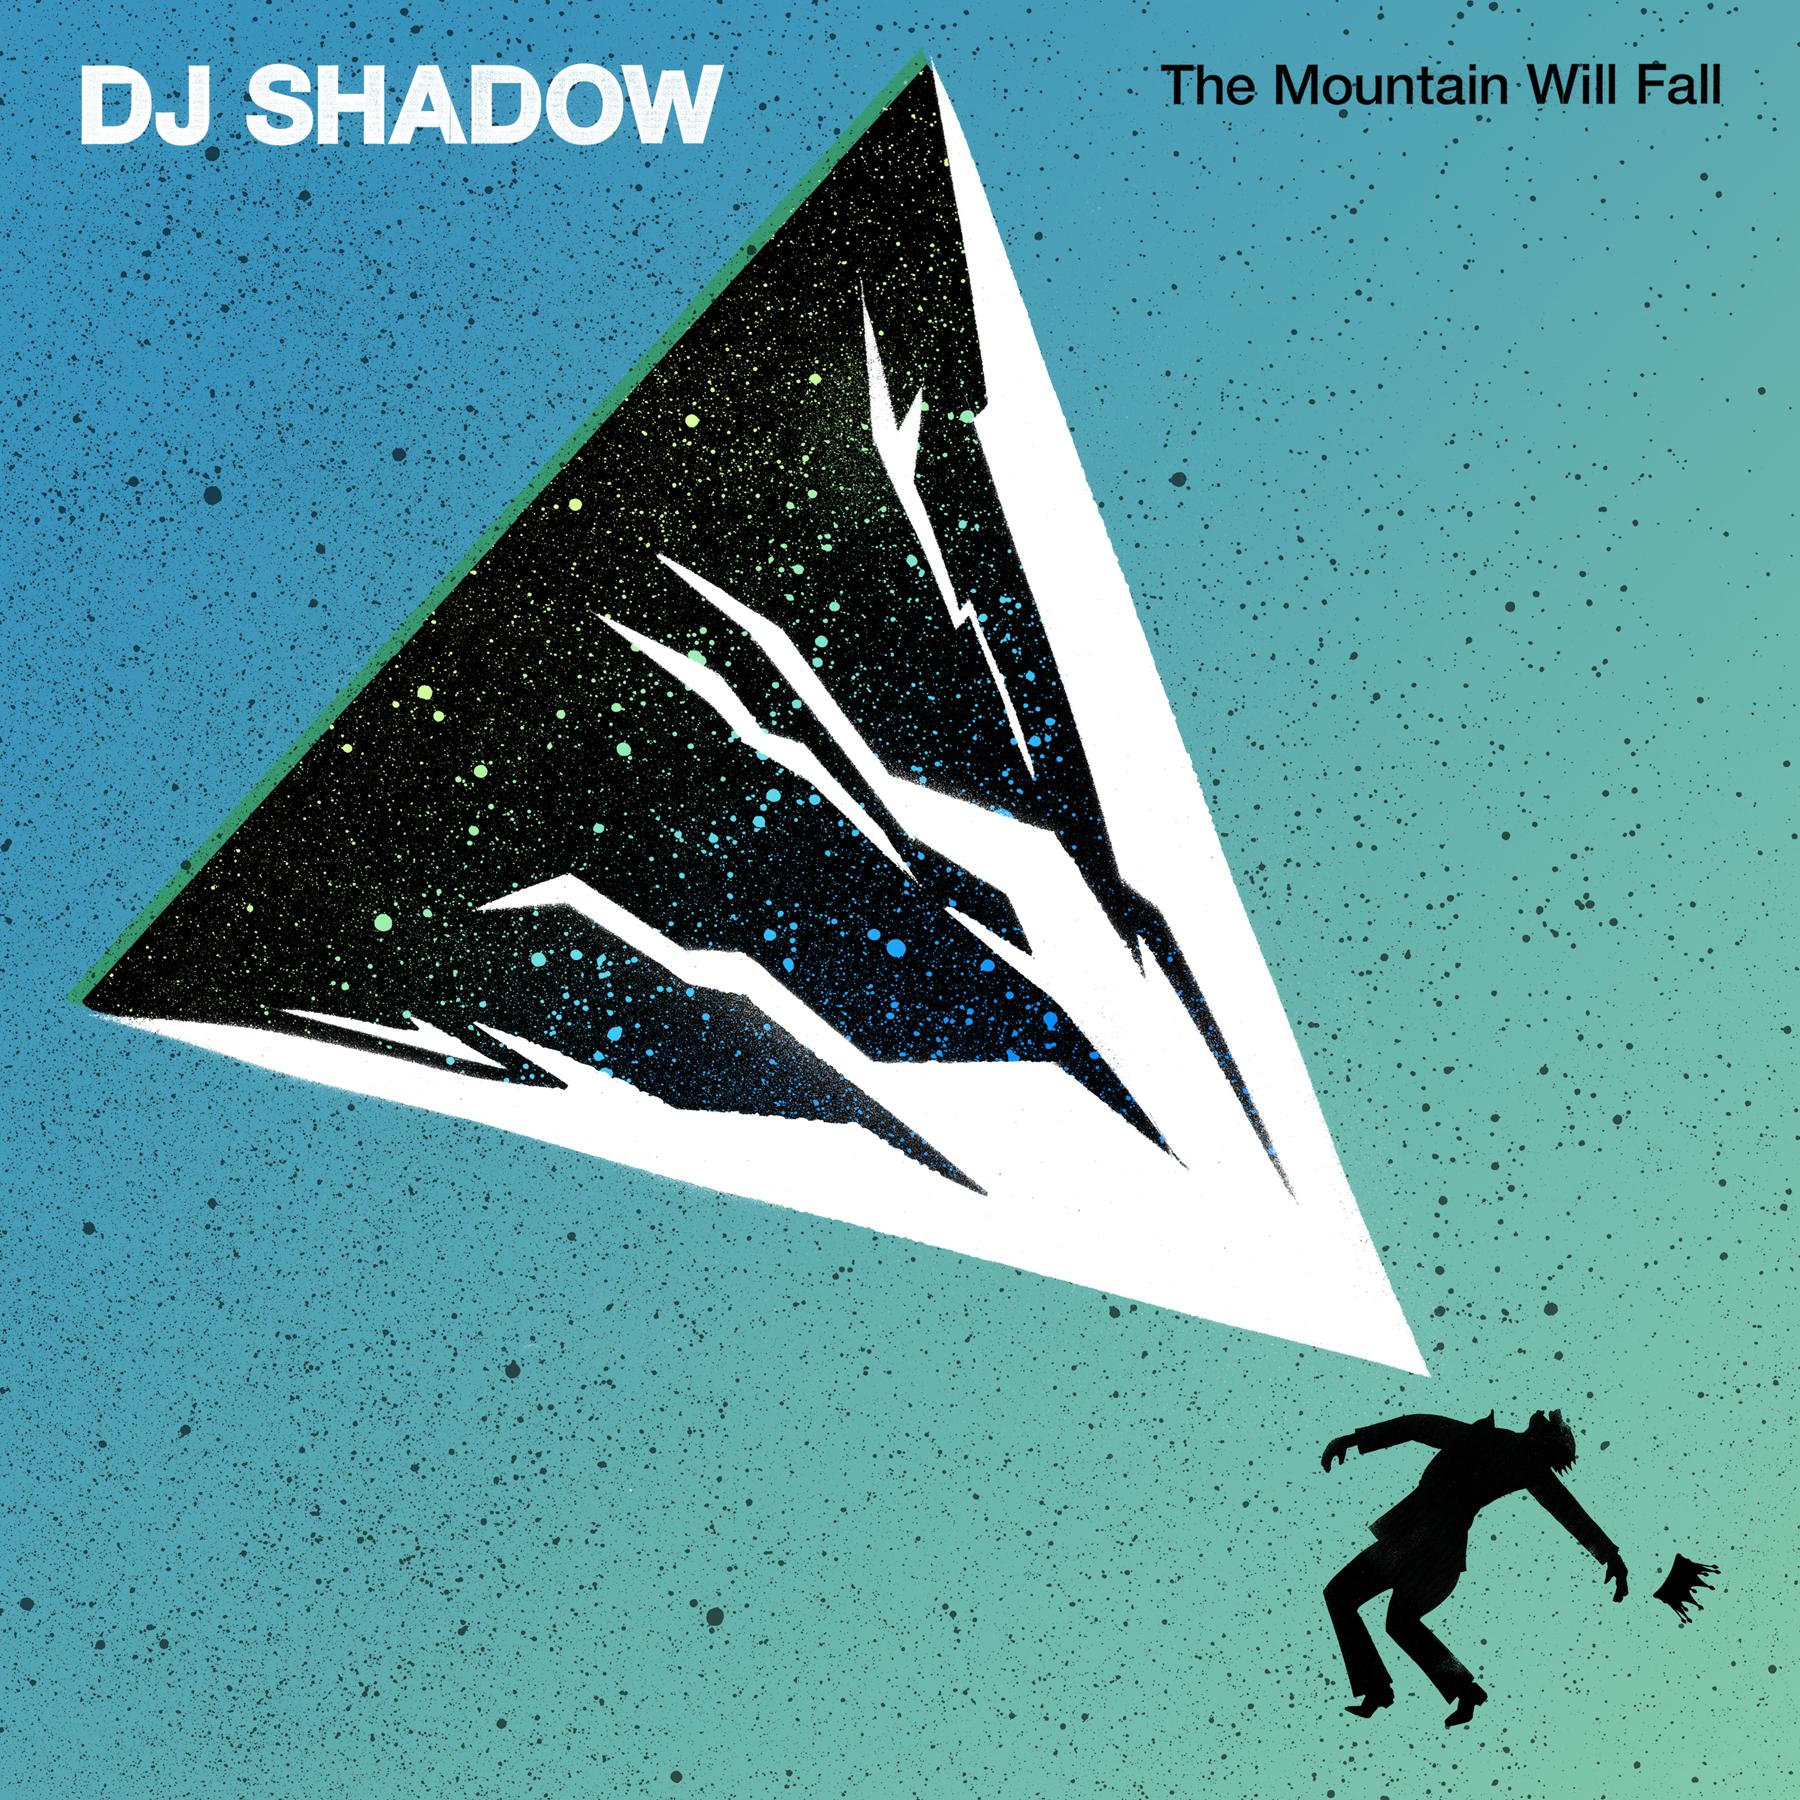 DJ_Shadow_TMWF_Cover_1800x1800